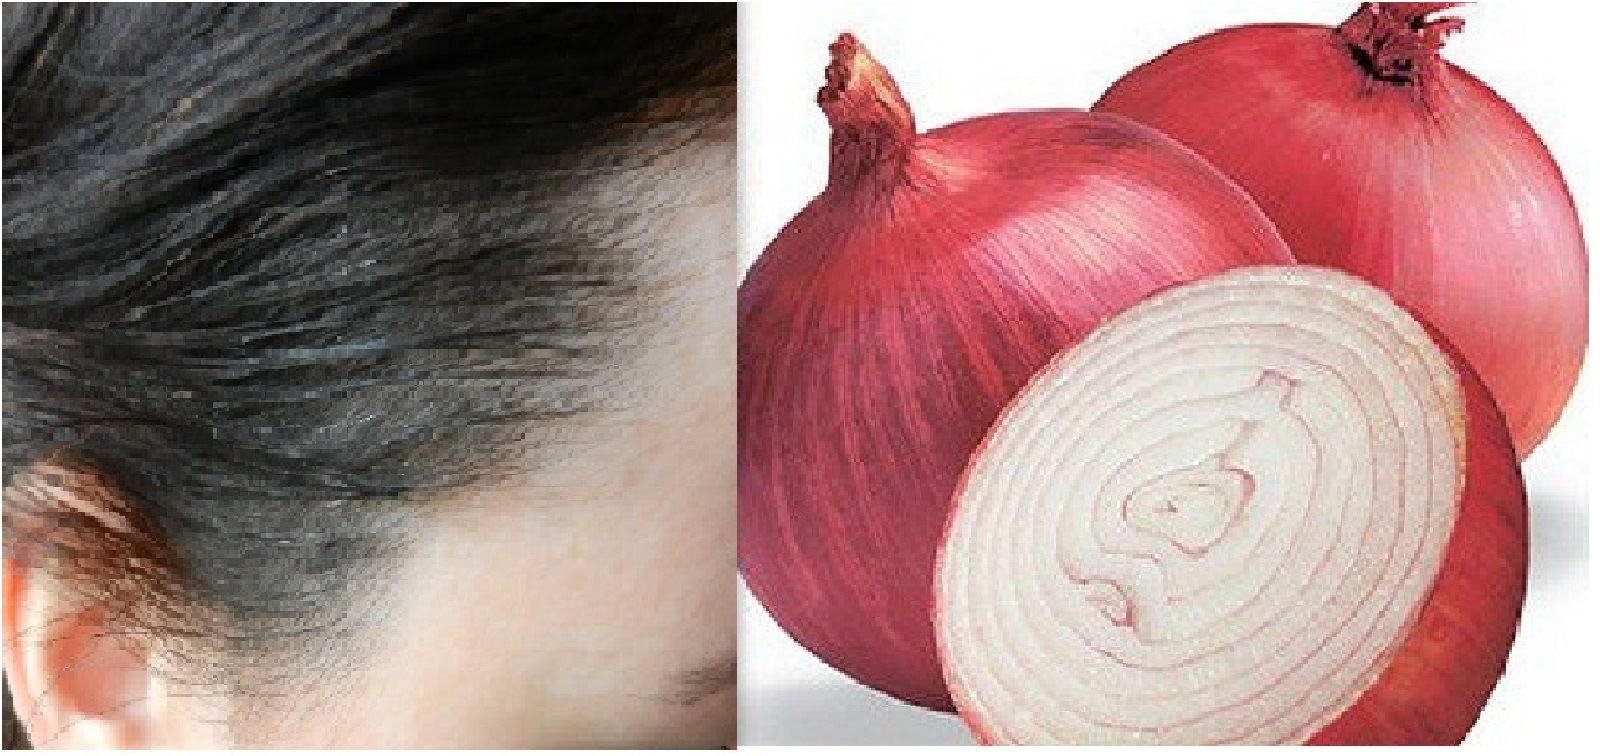 gr ce cette recette vos cheveux pousseront 2 fois plus vite beaut des cheveux pinterest. Black Bedroom Furniture Sets. Home Design Ideas